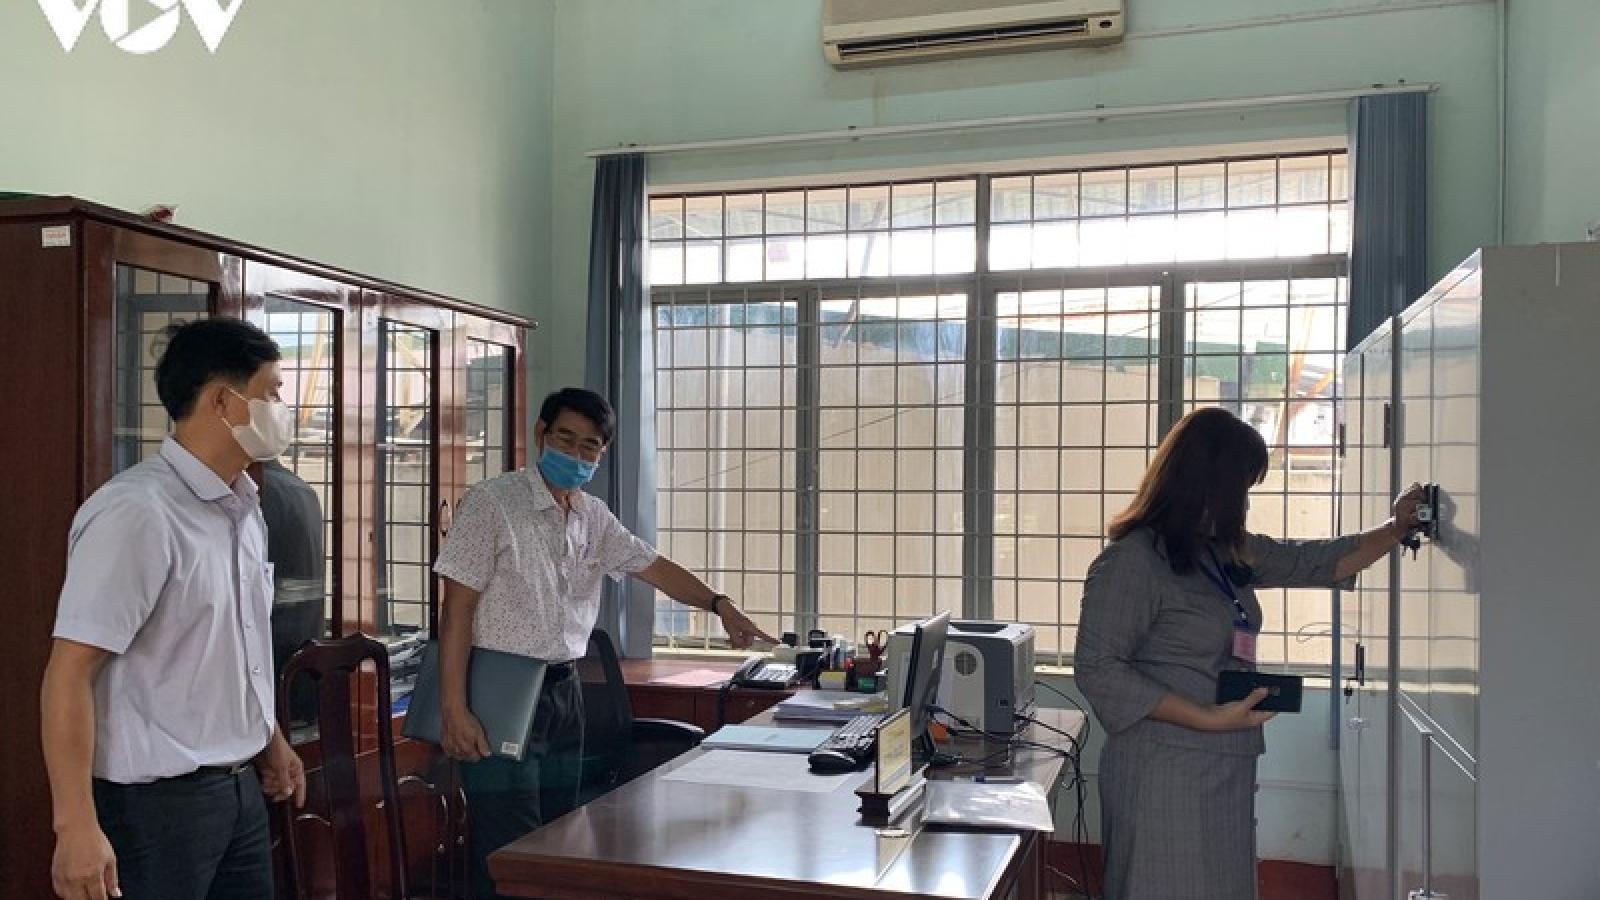 Thi tốt nghiệp THPT đợt 2: 26 thí sinh ngoại tỉnh thi ghép tại hội đồng thi Đắk Lắk